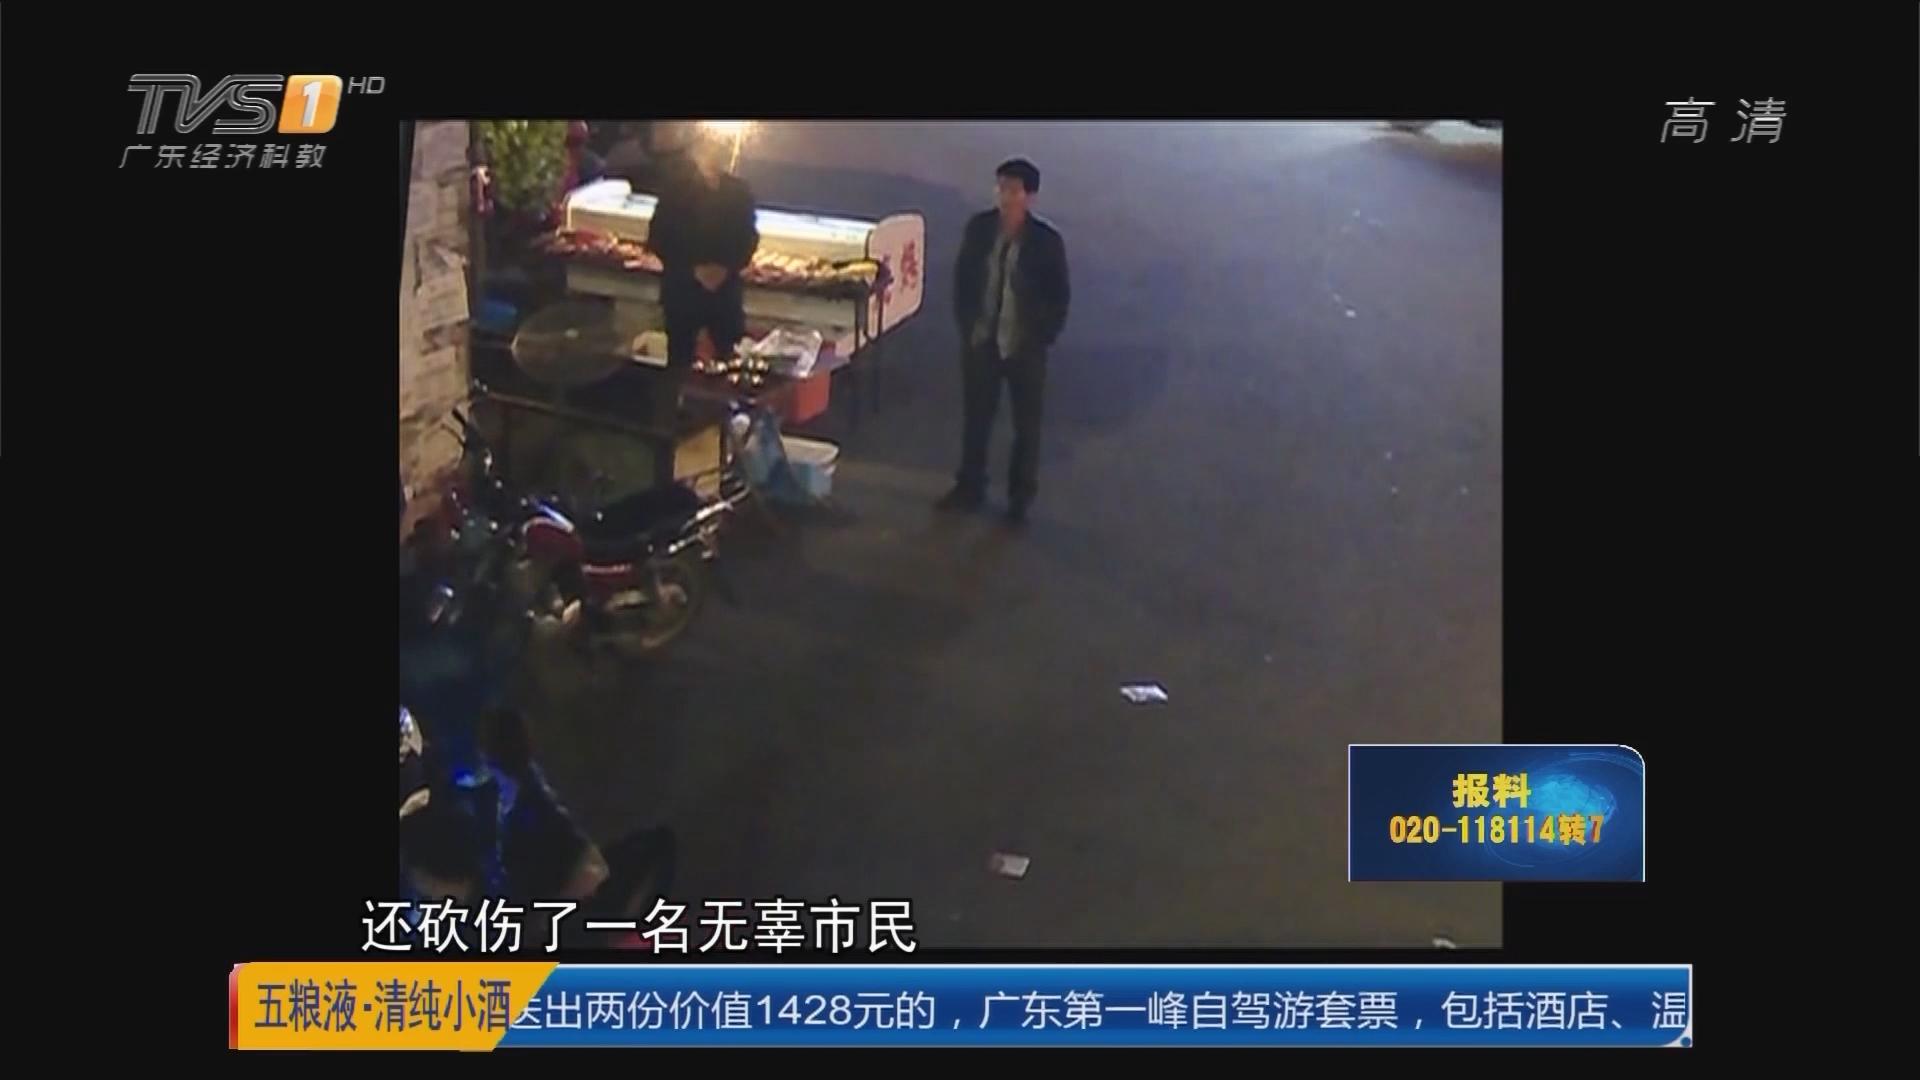 创建平安广东:潮州潮安 警方抓获持械飞车打砸团伙